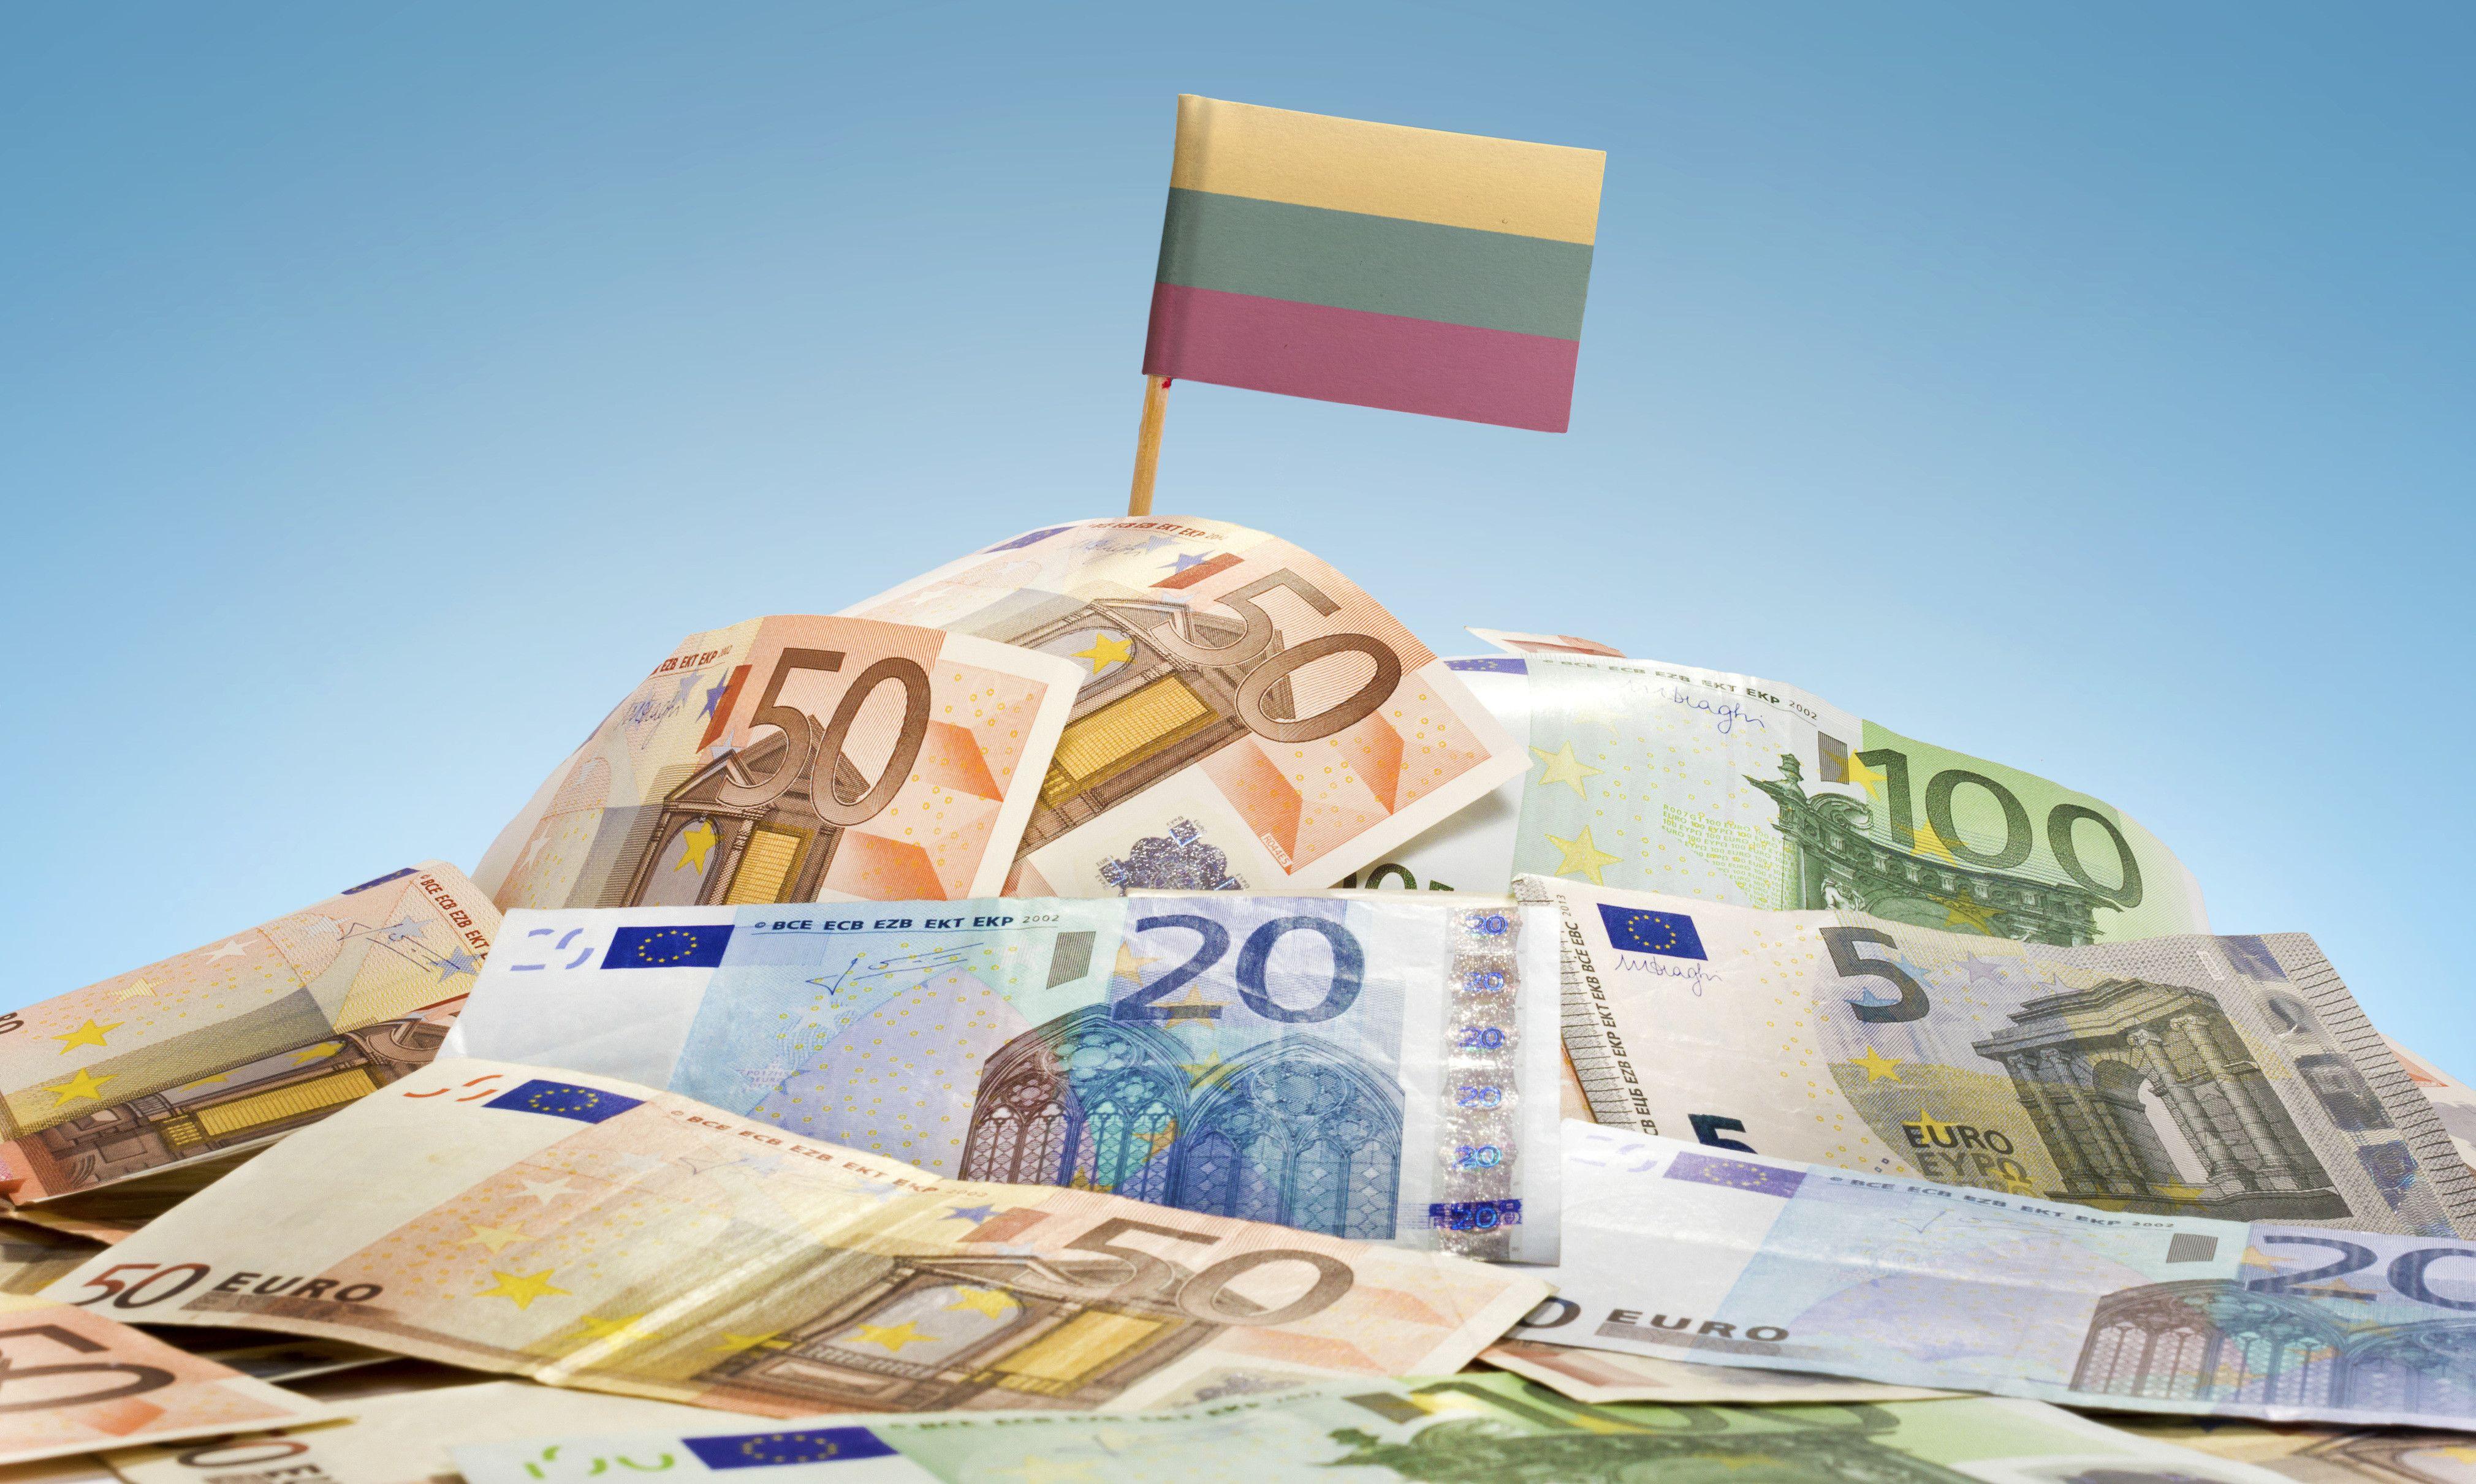 Lietuvos skolinimosi planų analizė: kada, kaip, už kiek